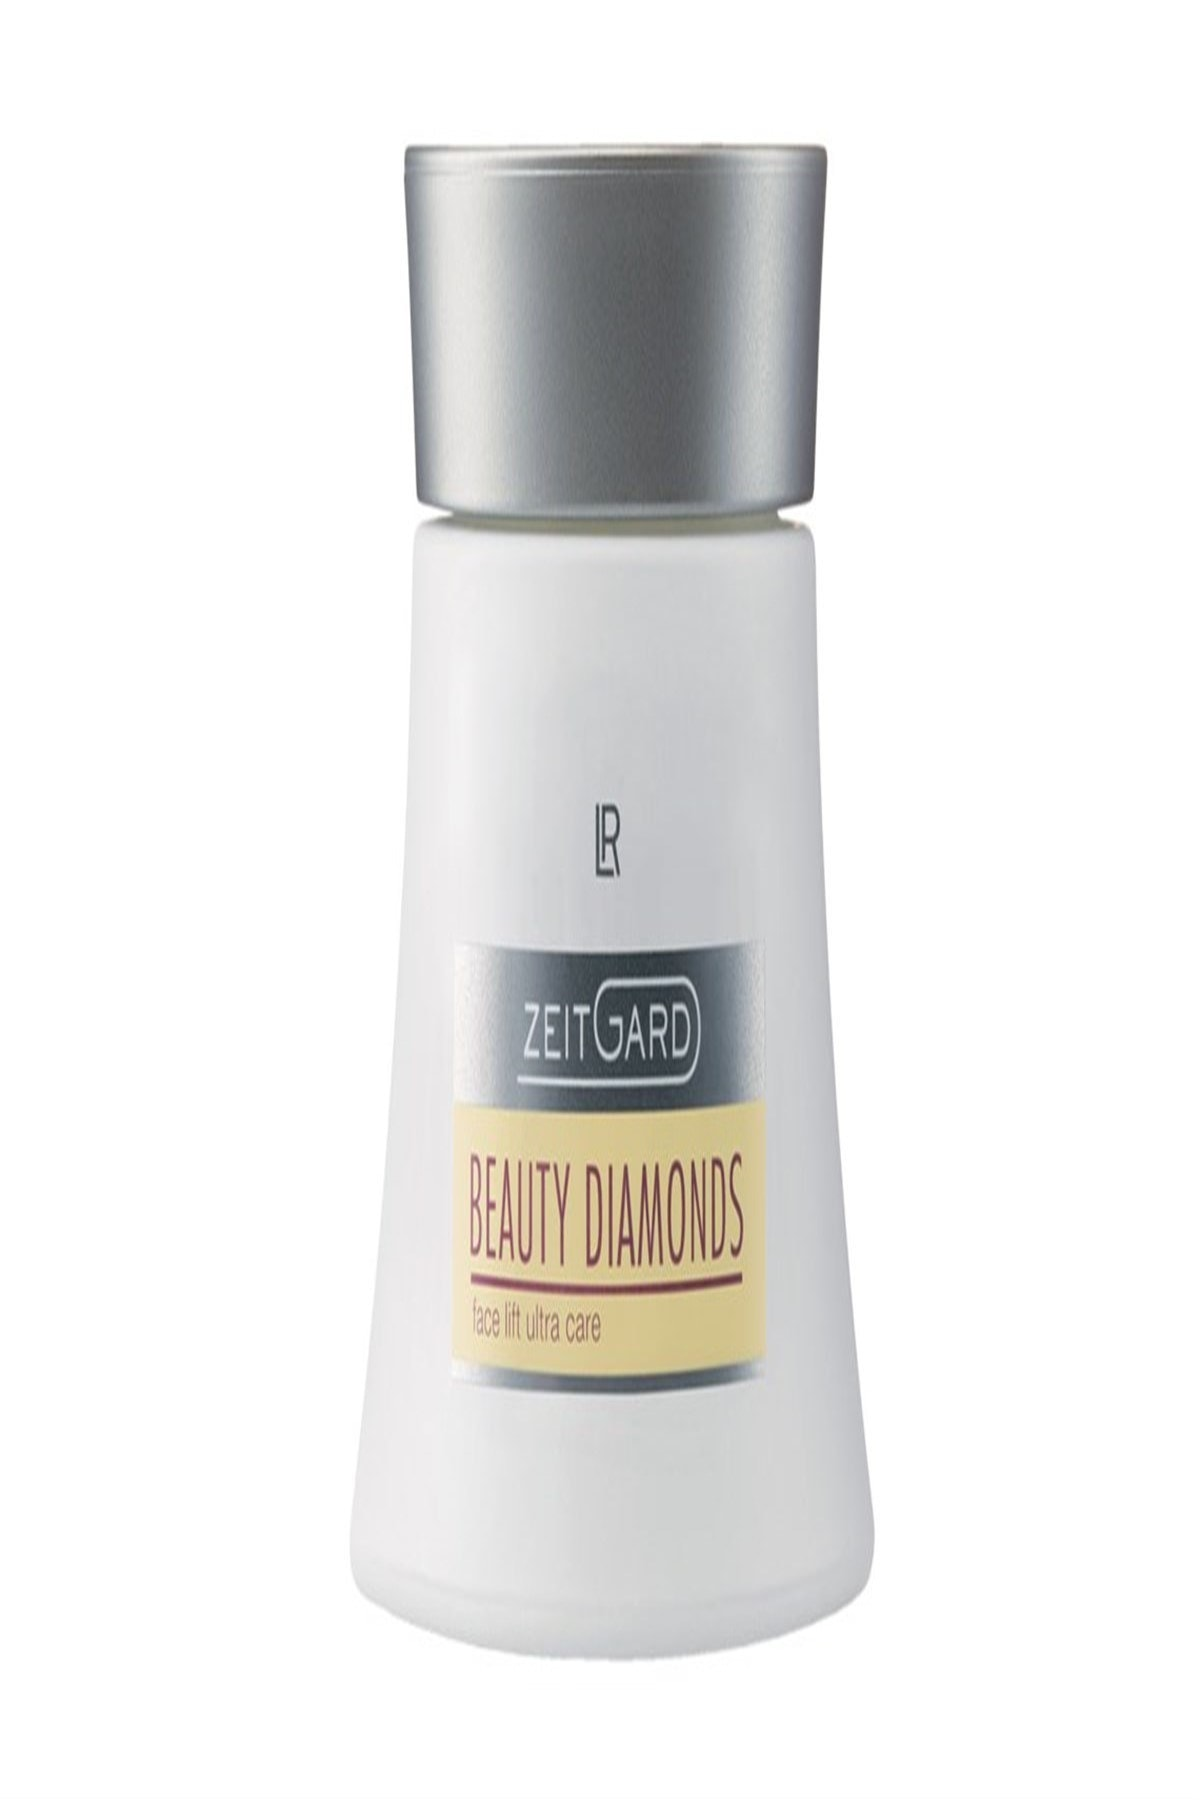 LR Zeitgard Beauty Diamonds Zengin İçerikli Yoğun Krem EENEOETC28307